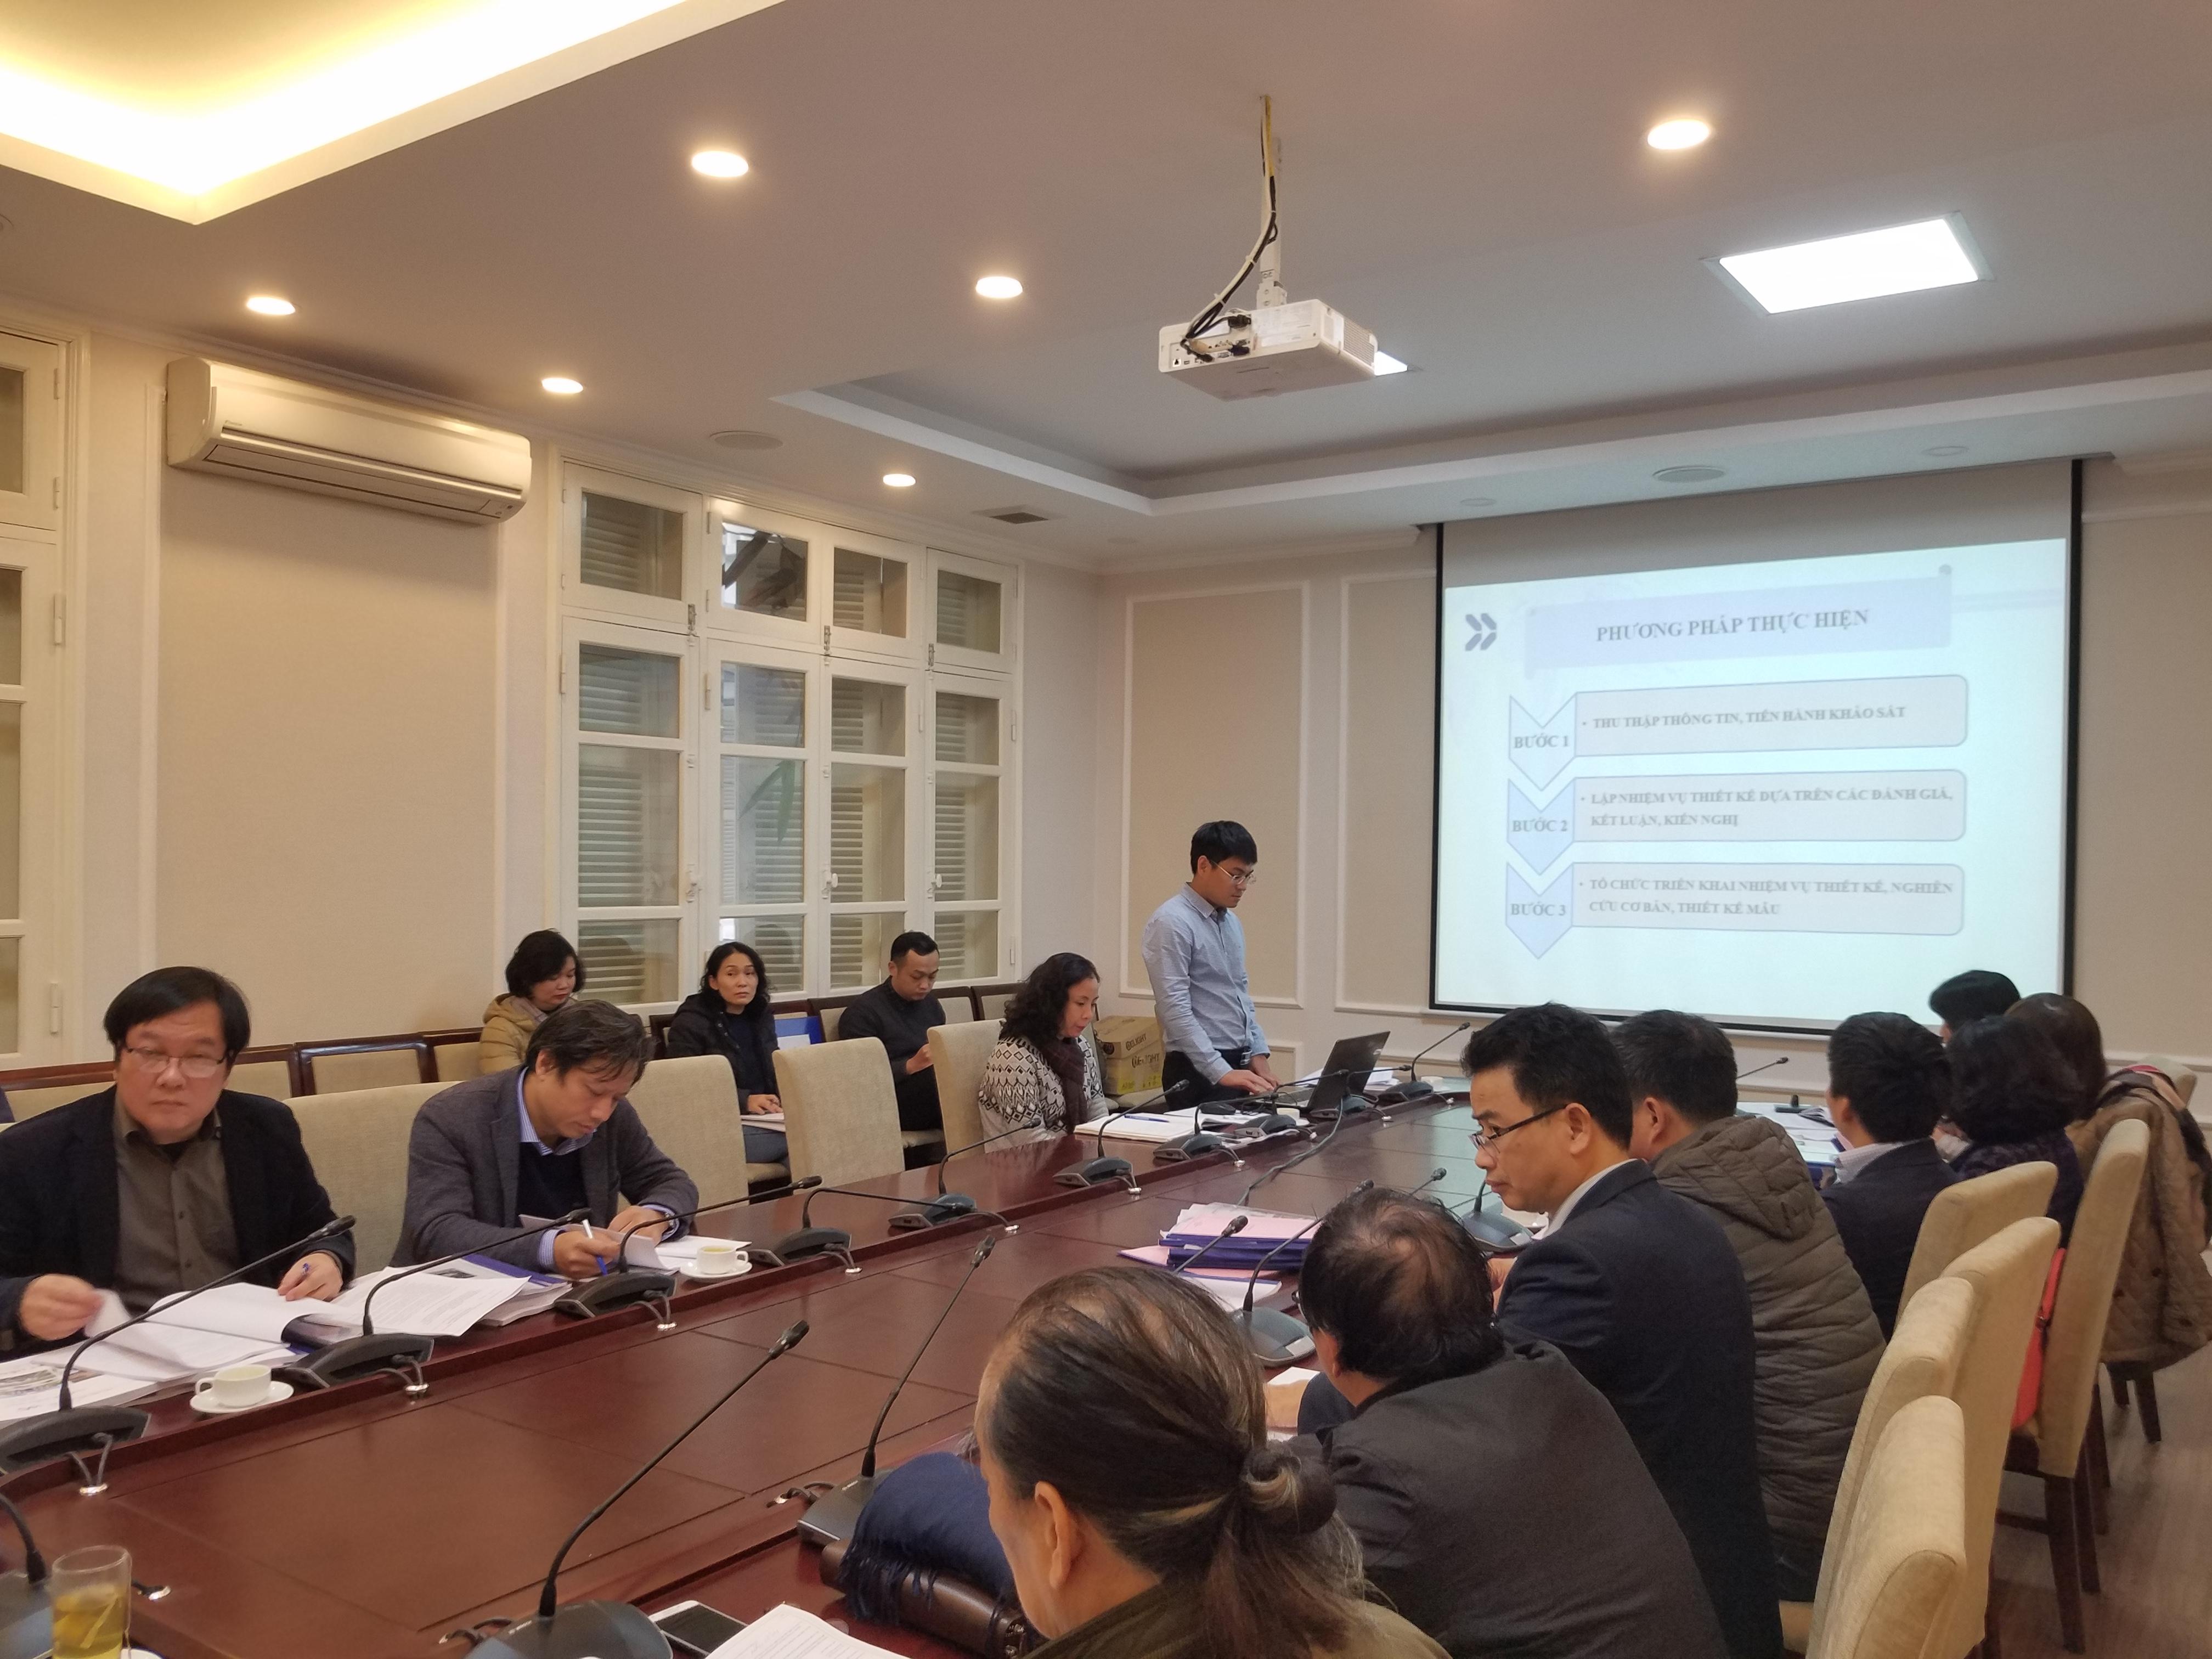 2 Ths Kts Nguyễn Quốc Hoàng - Chủ nhiệm đề tài thay mặt nhóm nghiên cứu giới thiệu một số nội dung của đề tài